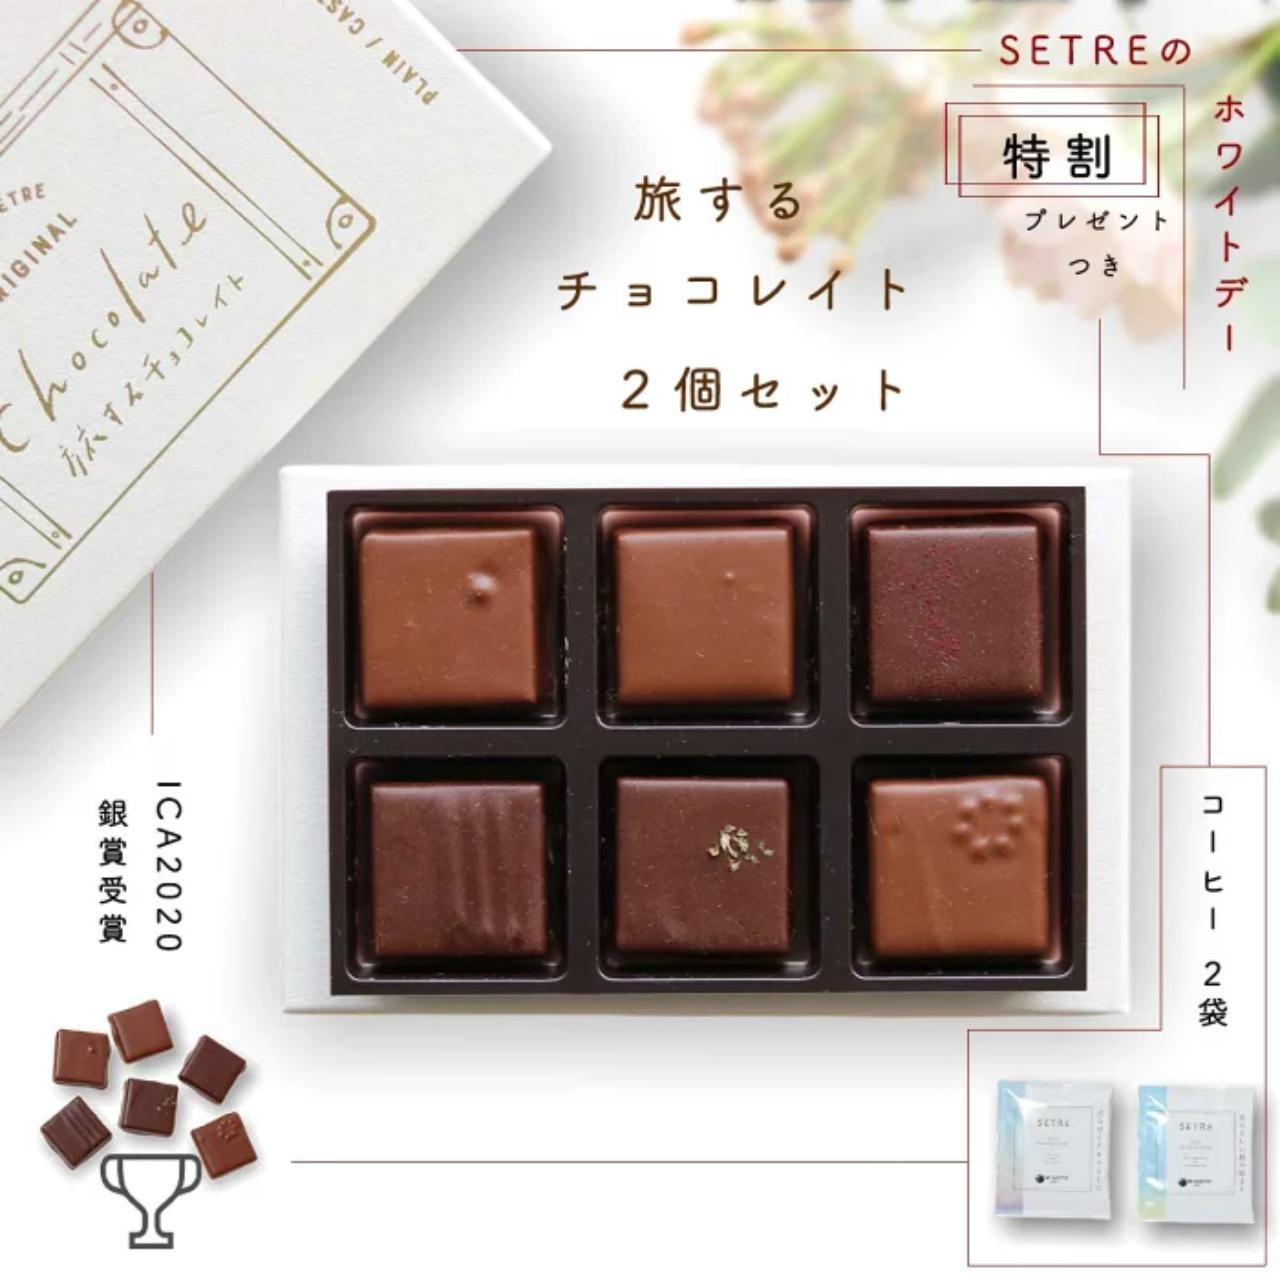 チョコレート|旅するチョコレイト2個set&ドリップバッグコーヒープレゼント付  |【クール配送】